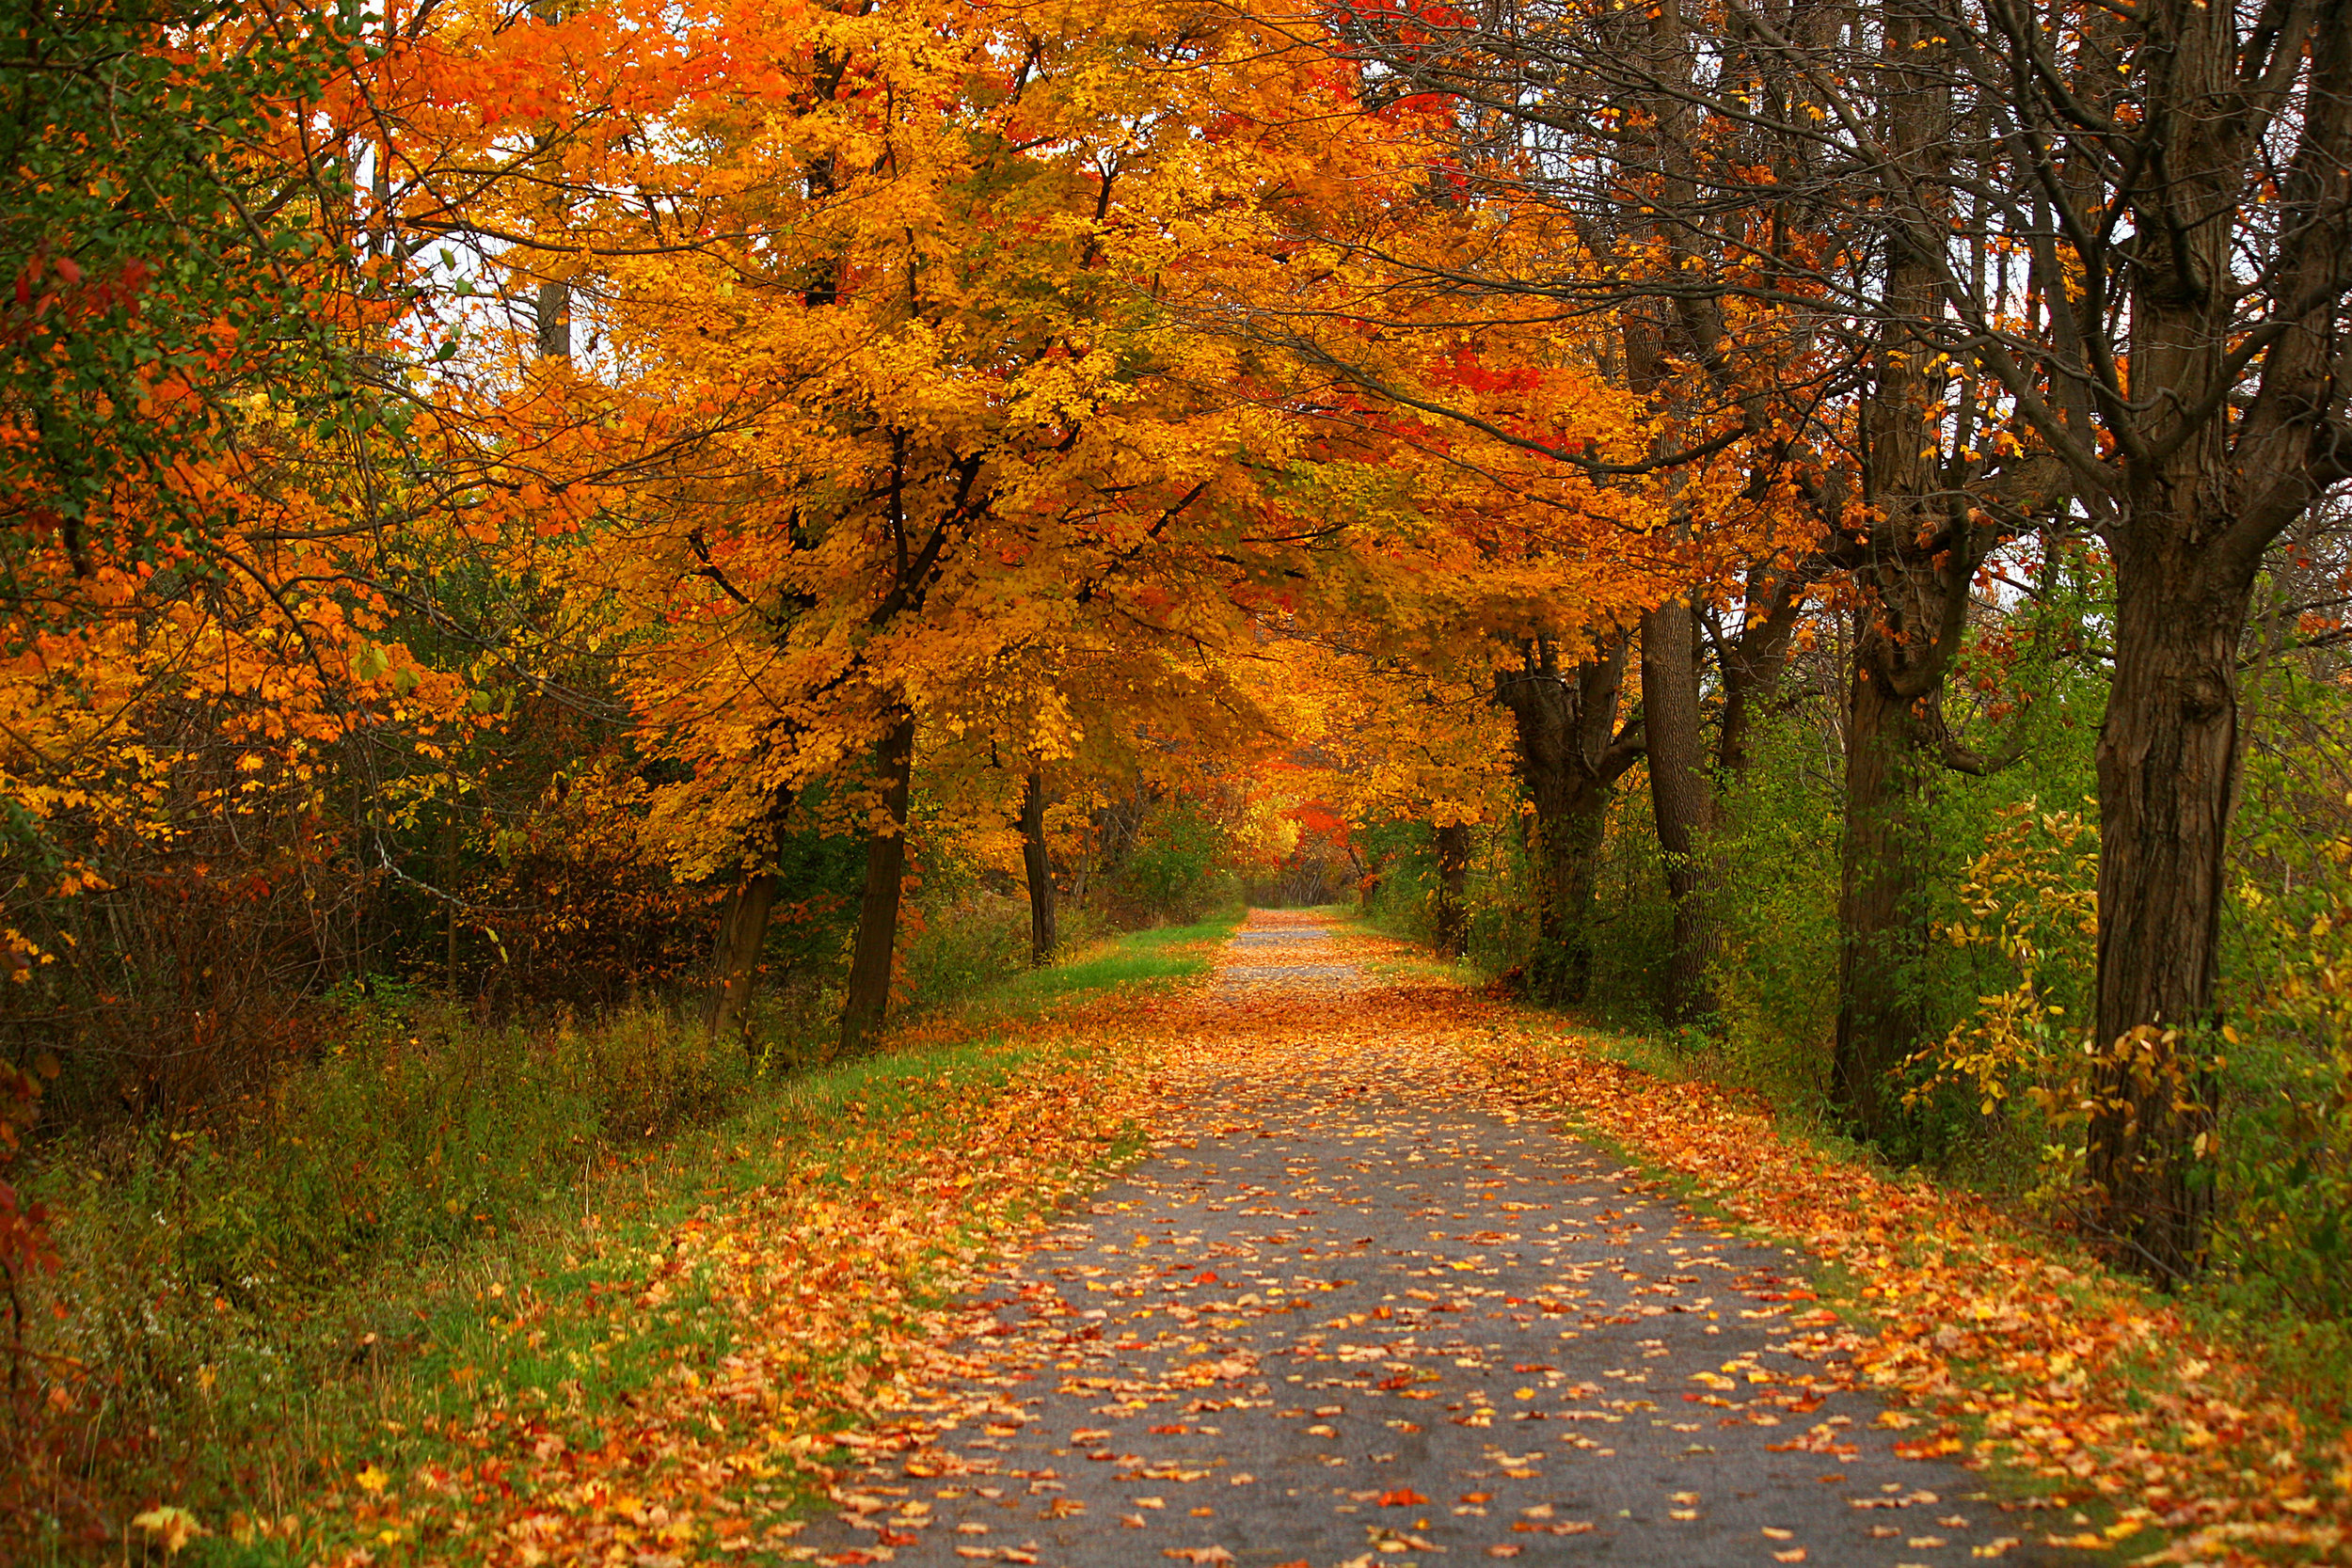 erie+canal+fall+photos+zoom+20-2183505900-O.jpg